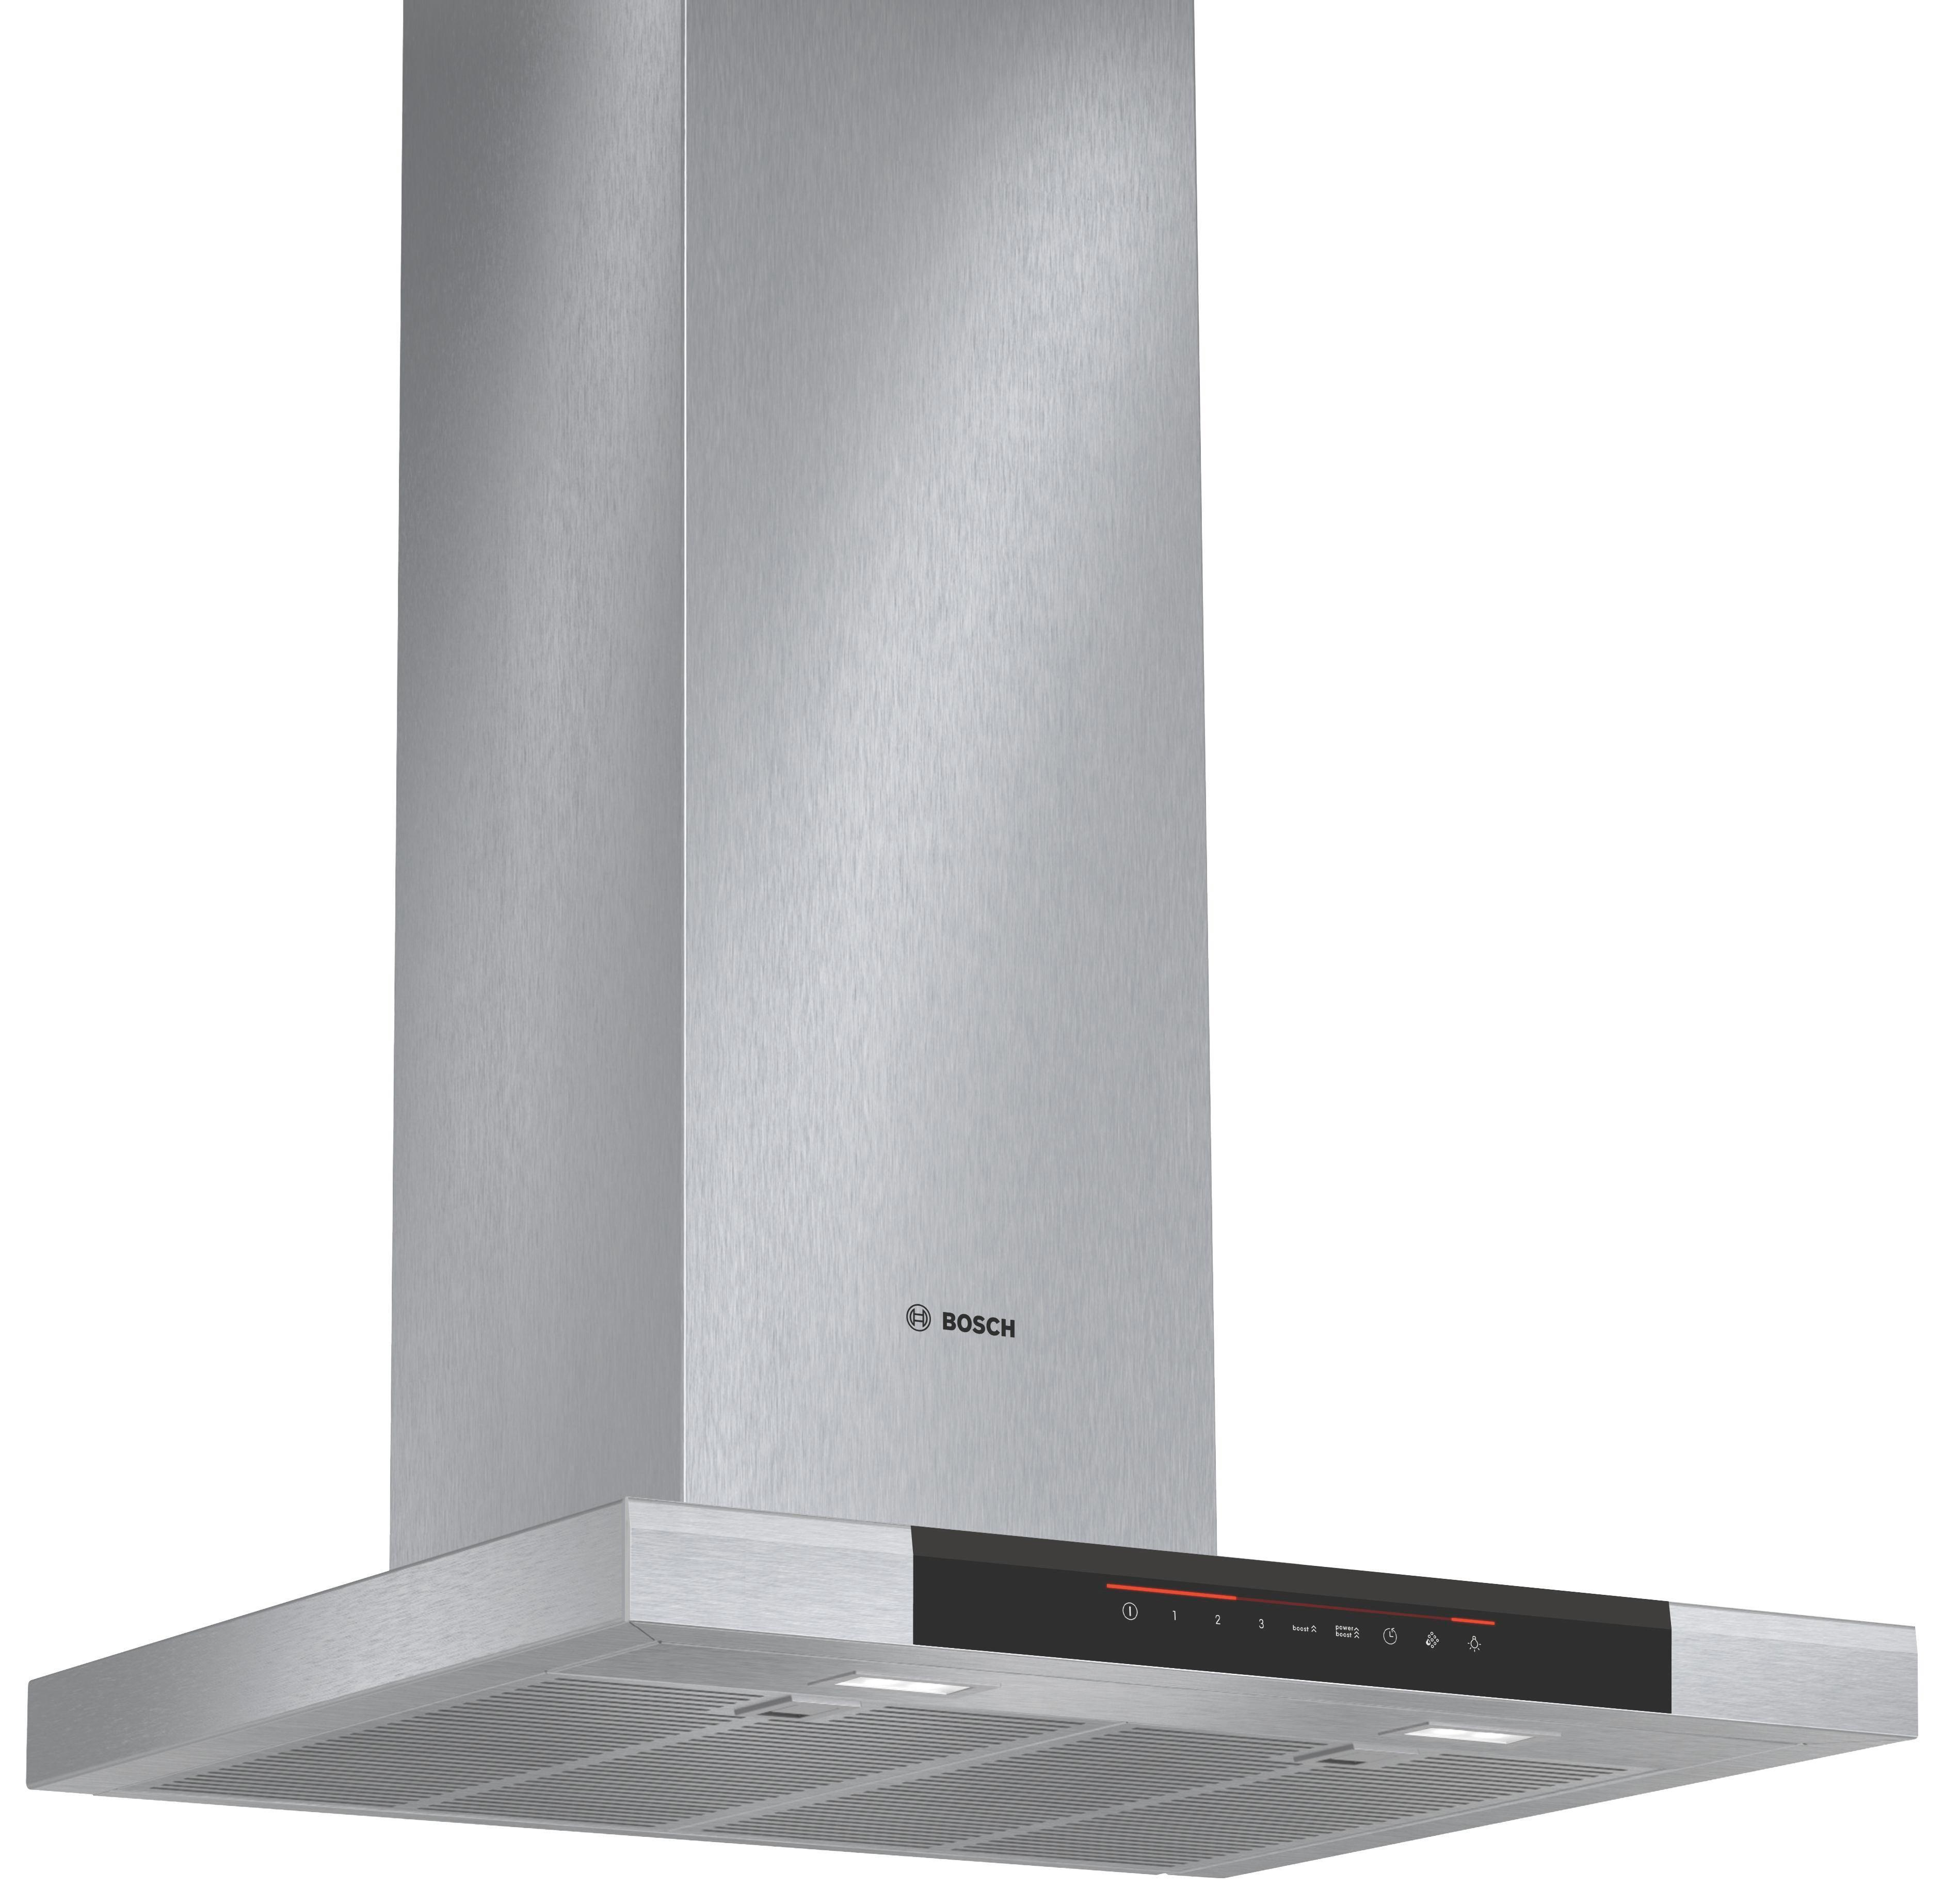 Dunstabzugshaube Bosch Dwb068j50, EEZ A+ - ROMANTIK / LANDHAUS, Metall (60/62,8-106,4/50cm) - BOSCH